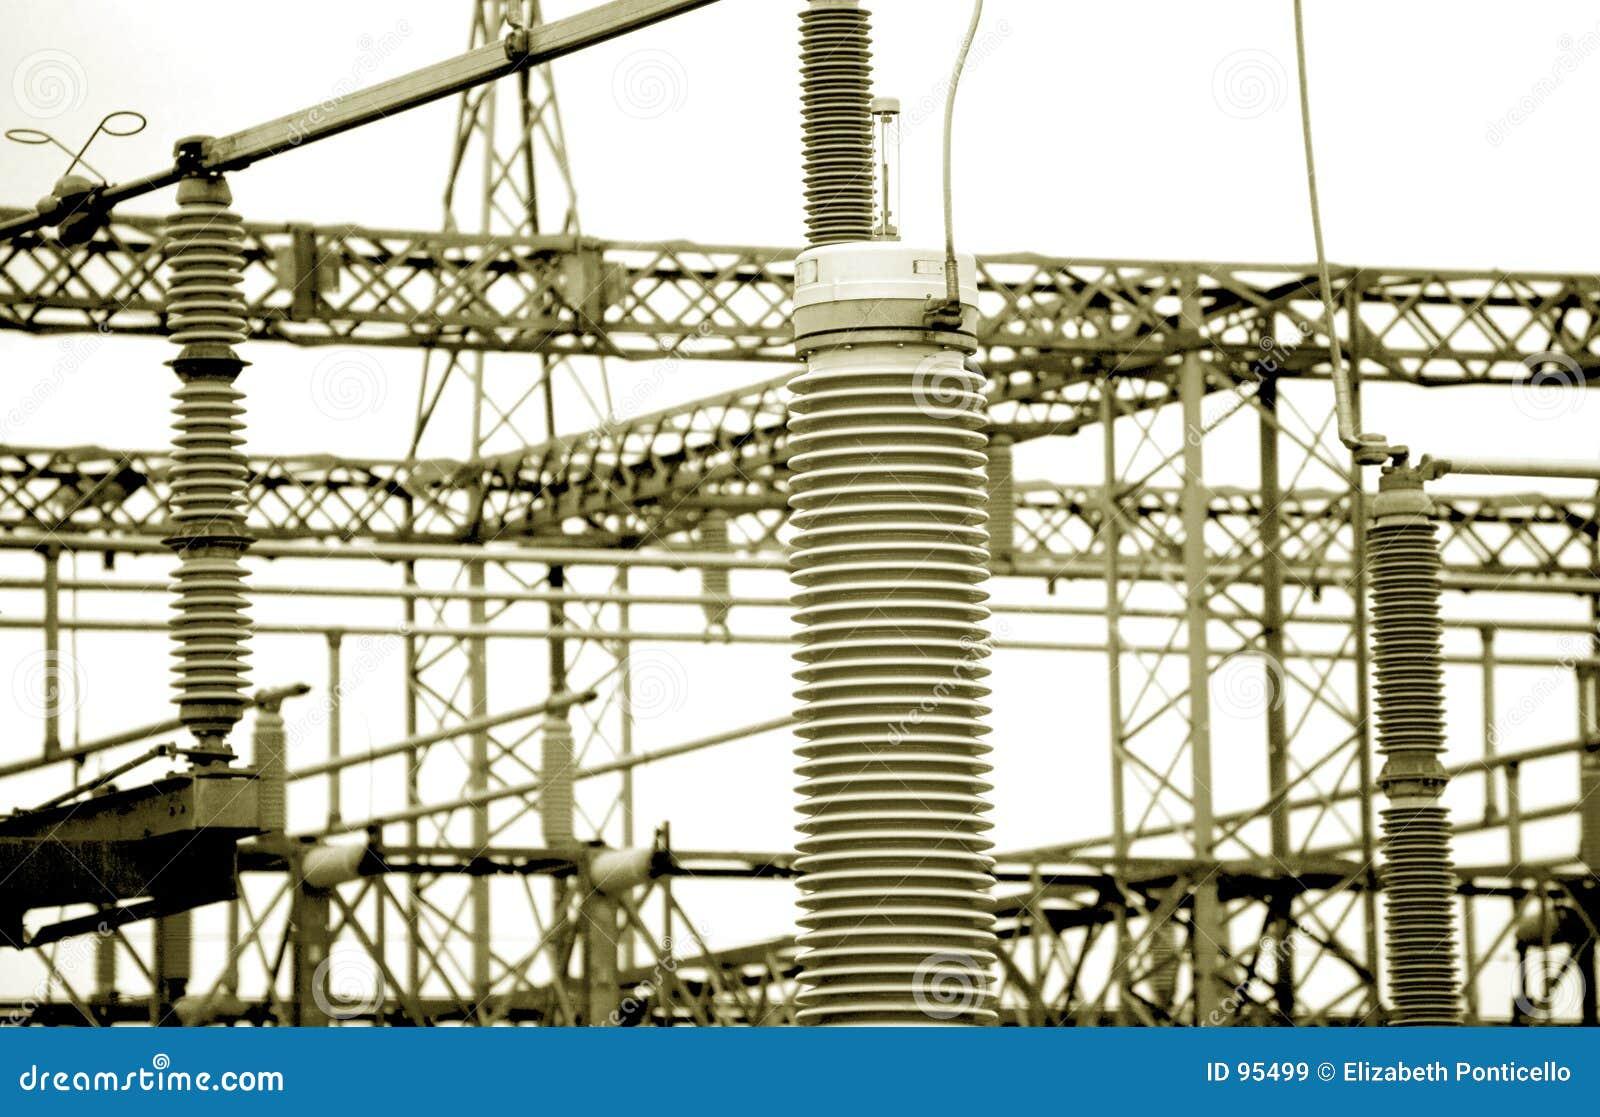 σταθμός παραγωγής ηλεκτρικού ρεύματος